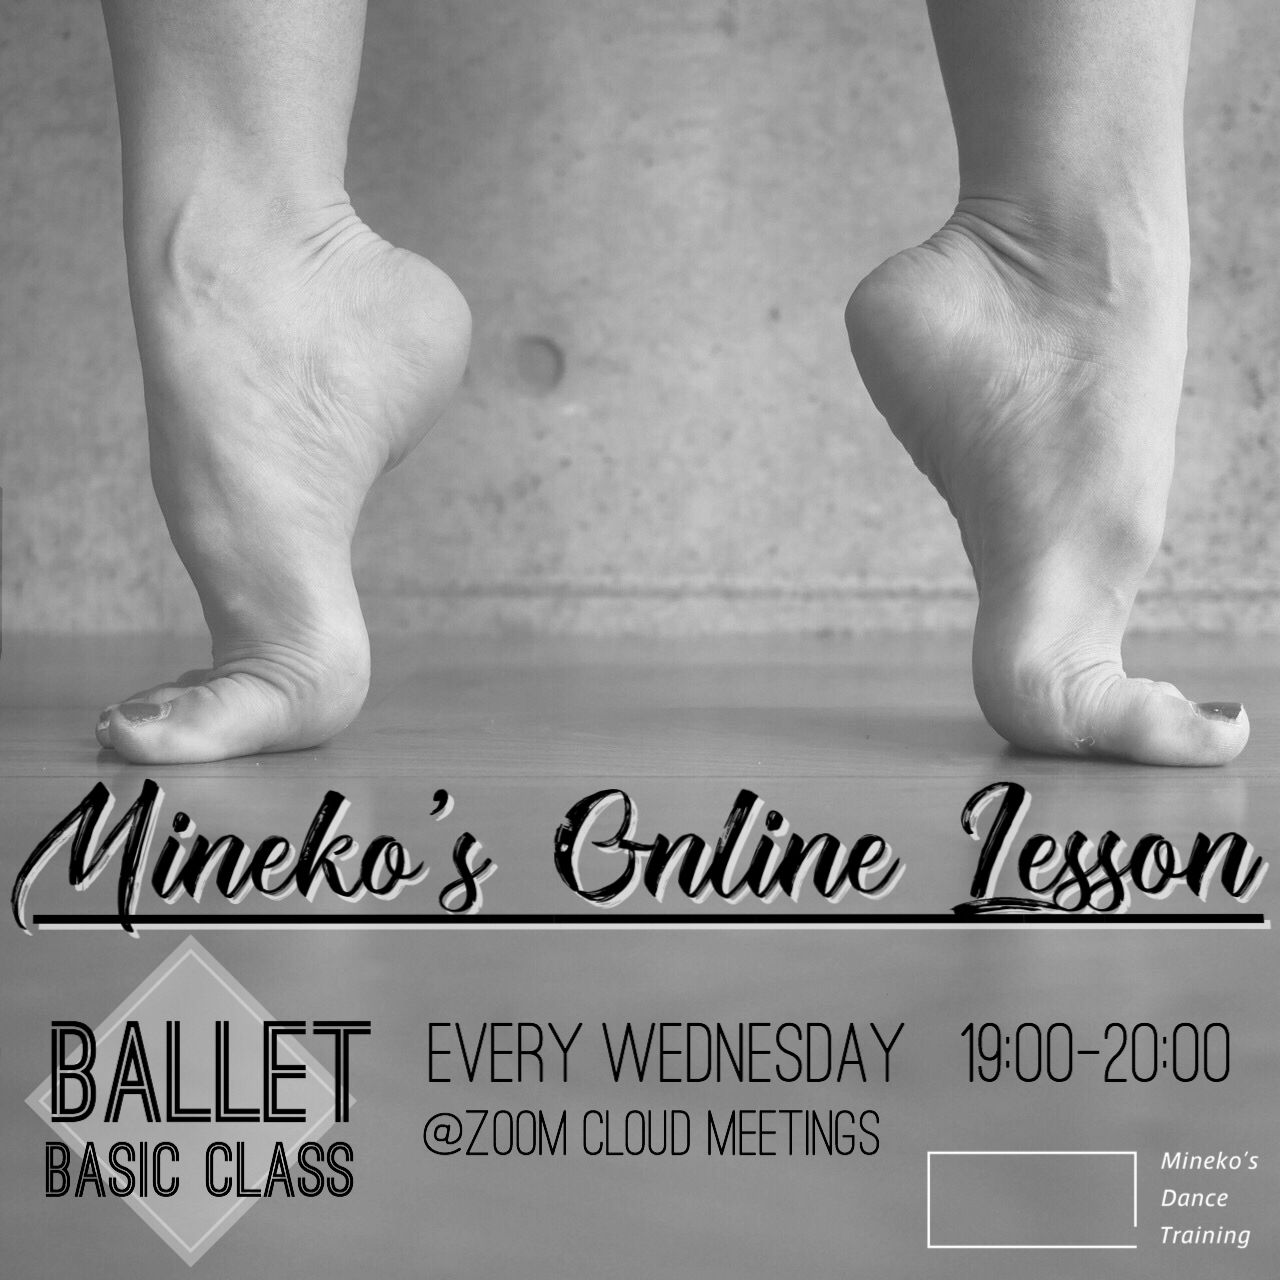 Mineko's Online Lesson〈September〉